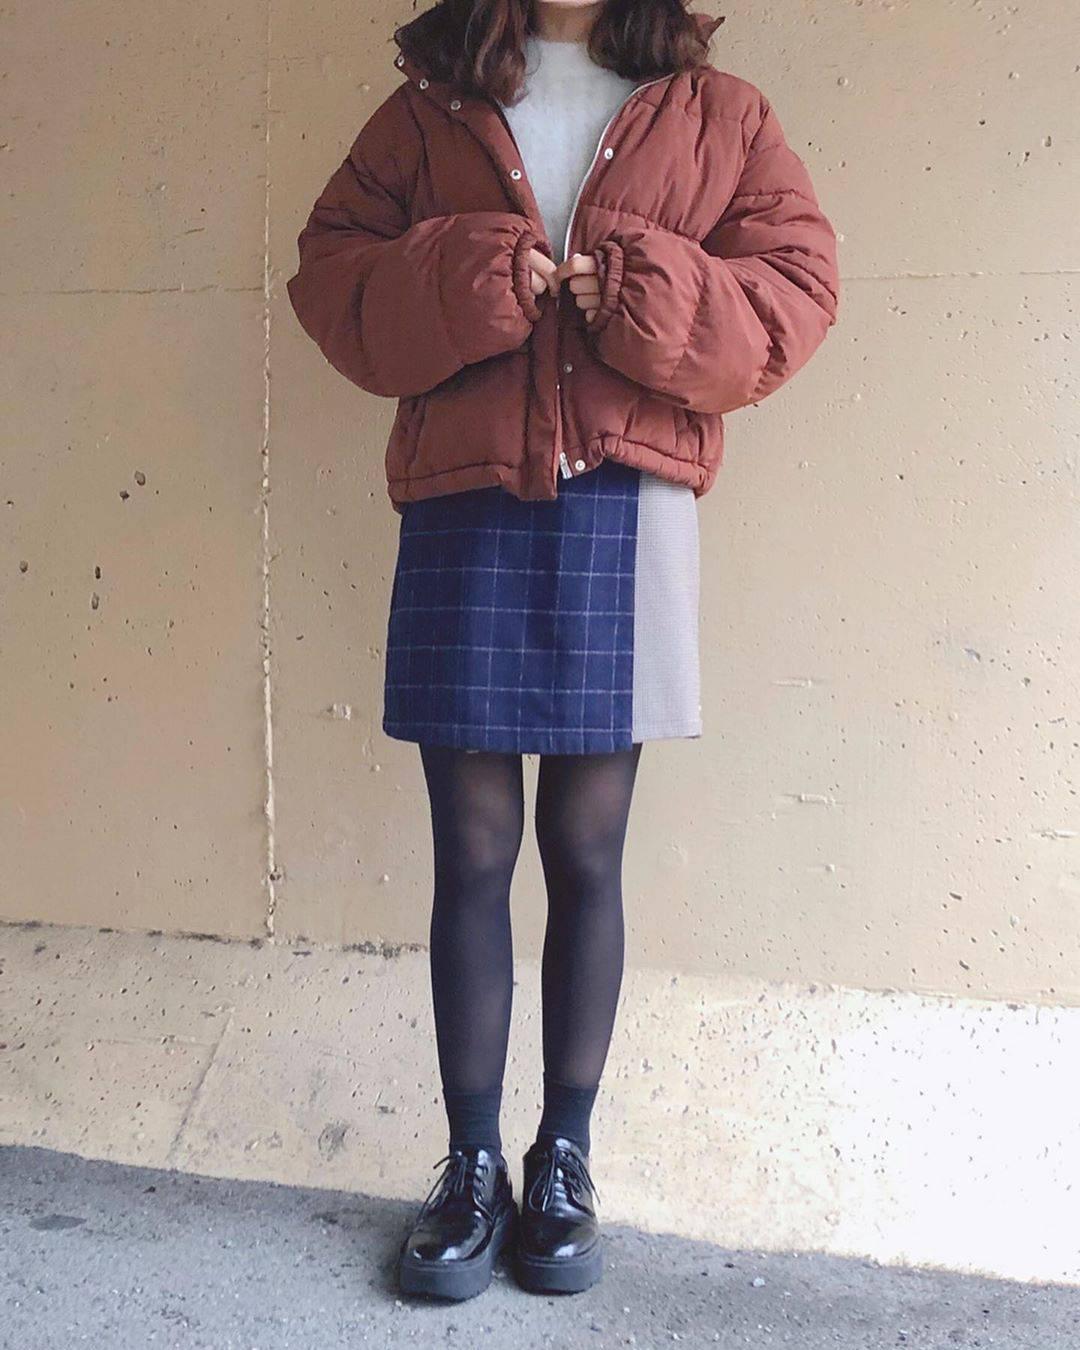 最高気温6度・最低気温2度 flower_22227の服装